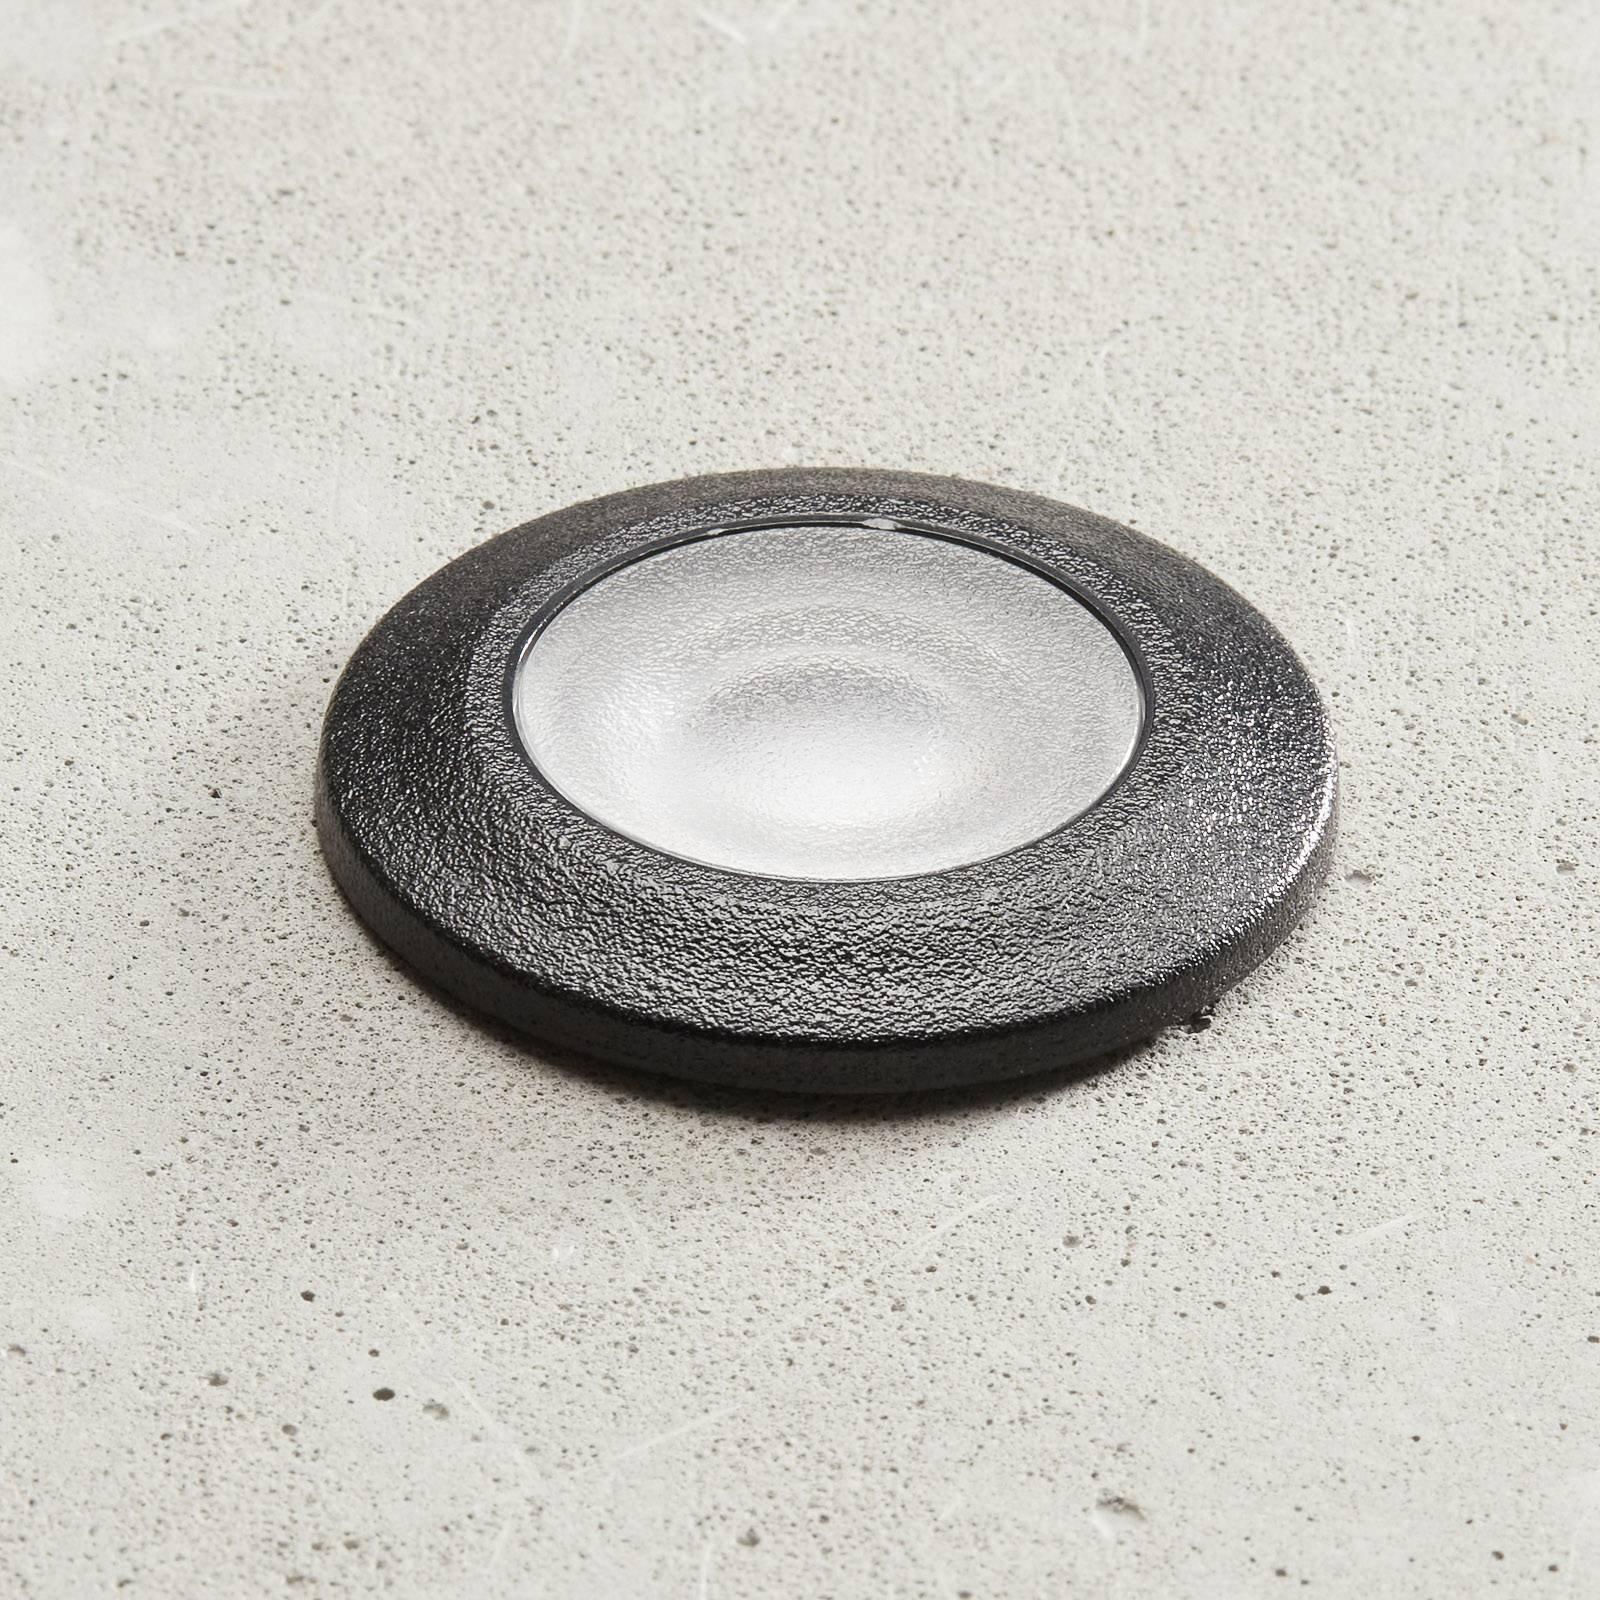 LED-innfellingslampe Aldo rund svart/klar 3 000 K